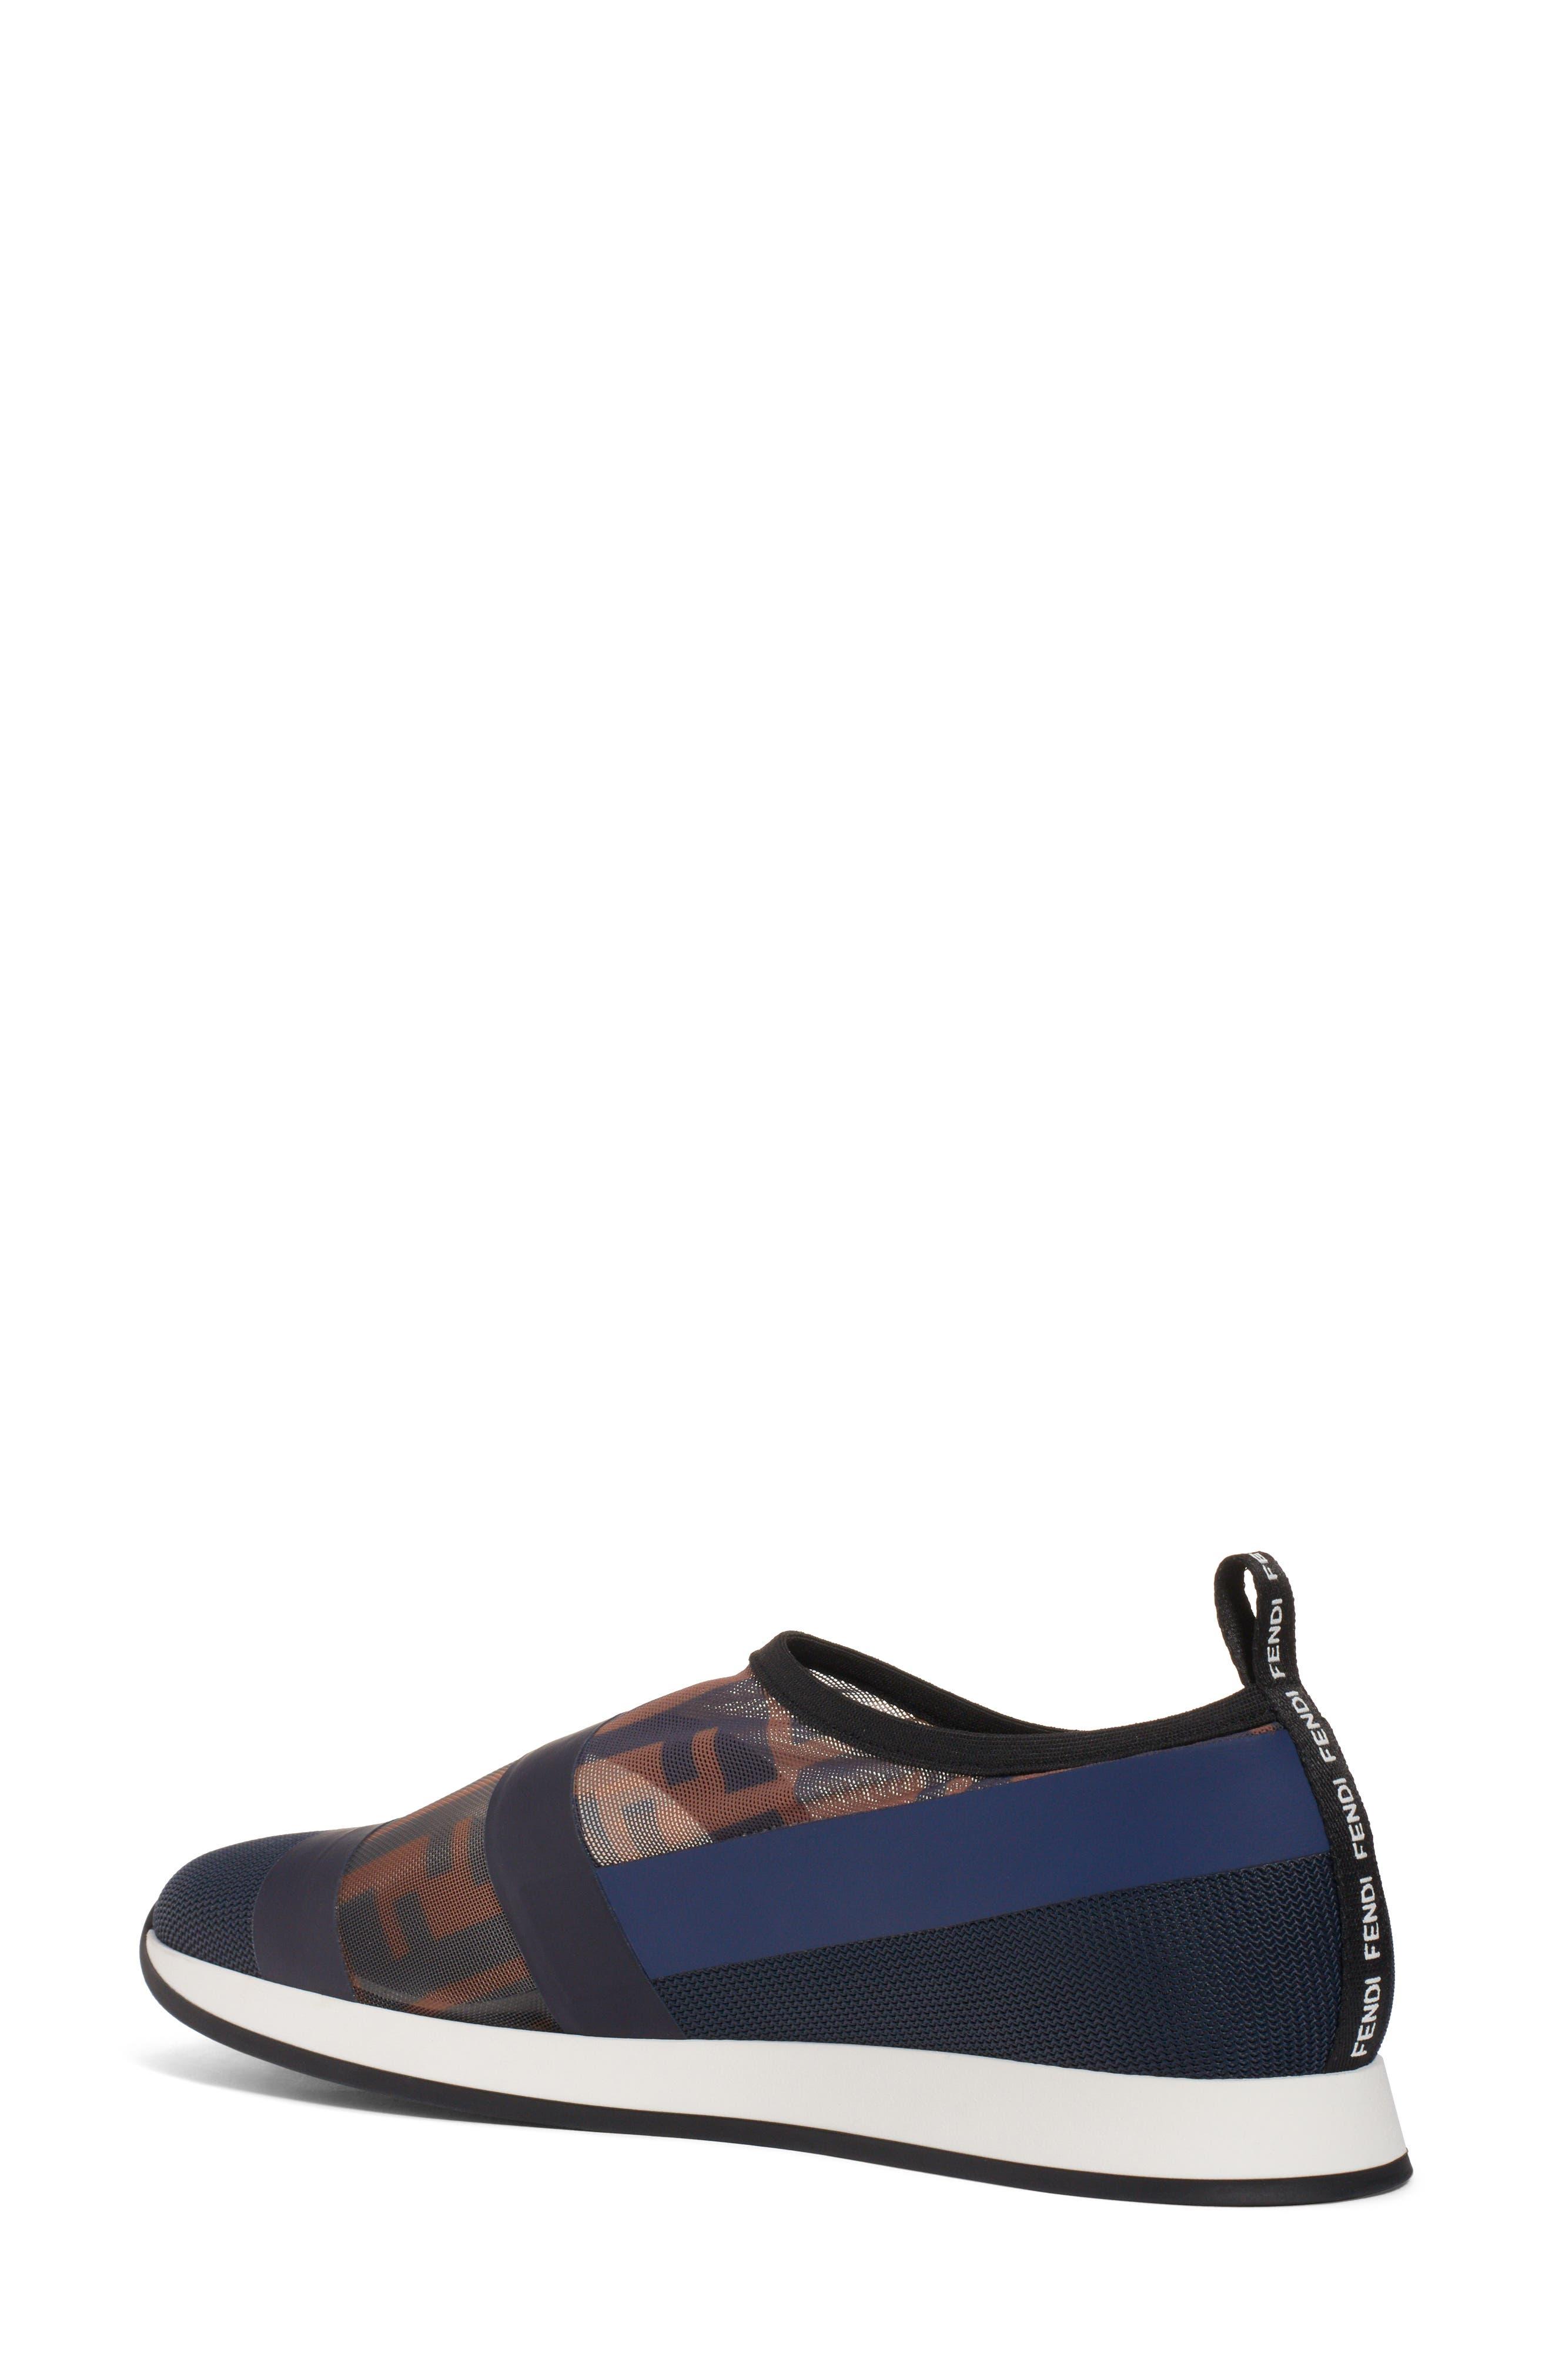 711842c199d5 Women s Fendi Shoes